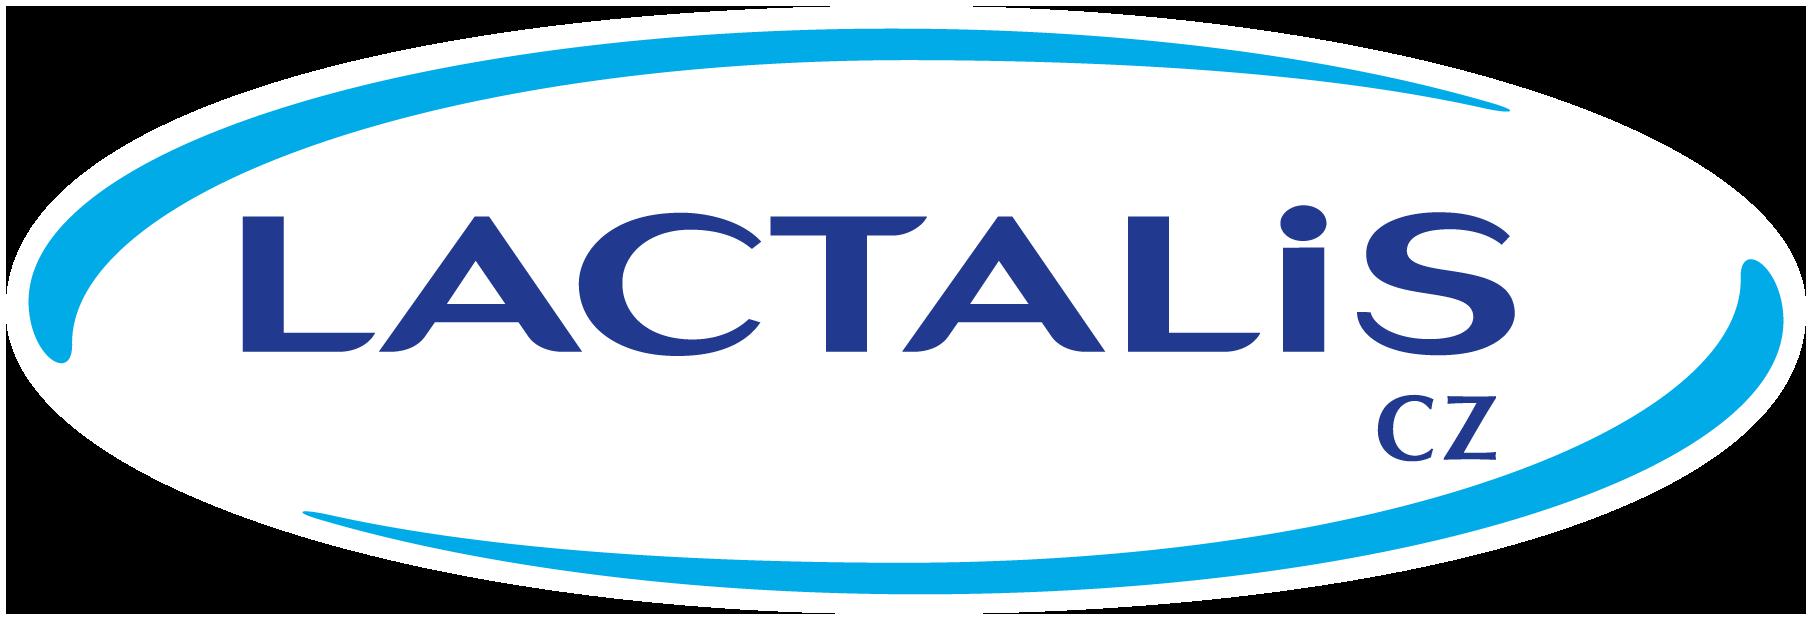 Lactalis Group